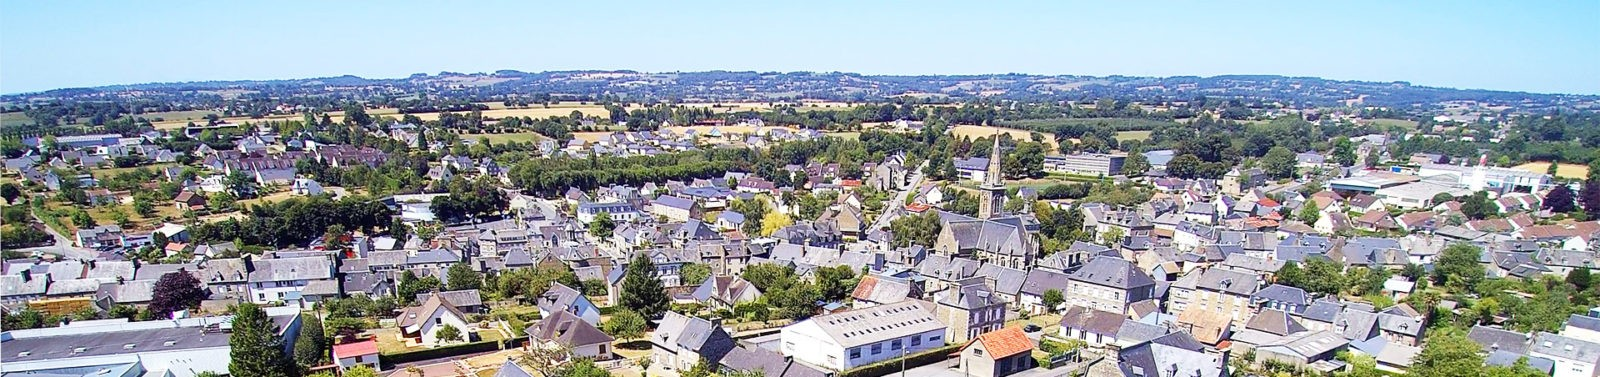 Ville de Brecey, Manche